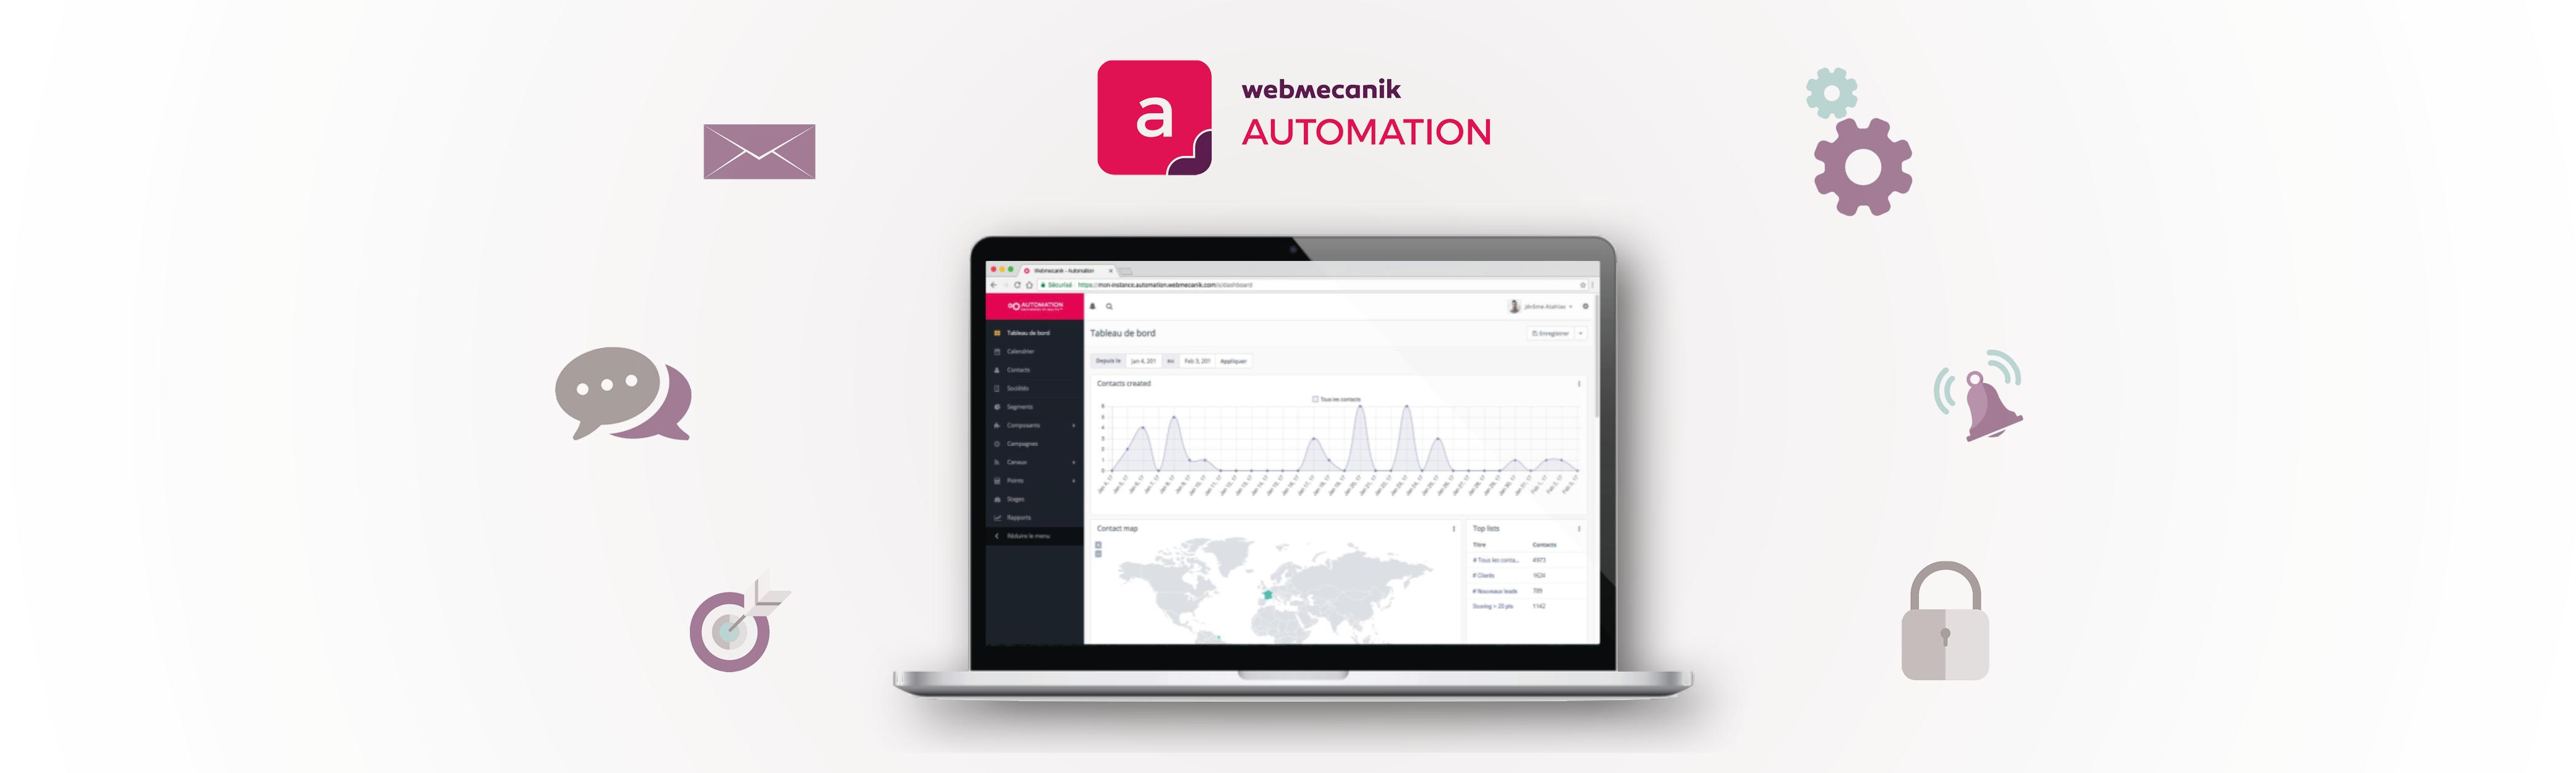 Bewertungen Webmecanik: Cloud-Marketing-Software Maßgeschneidert für Ihre Bedürfniss - appvizer